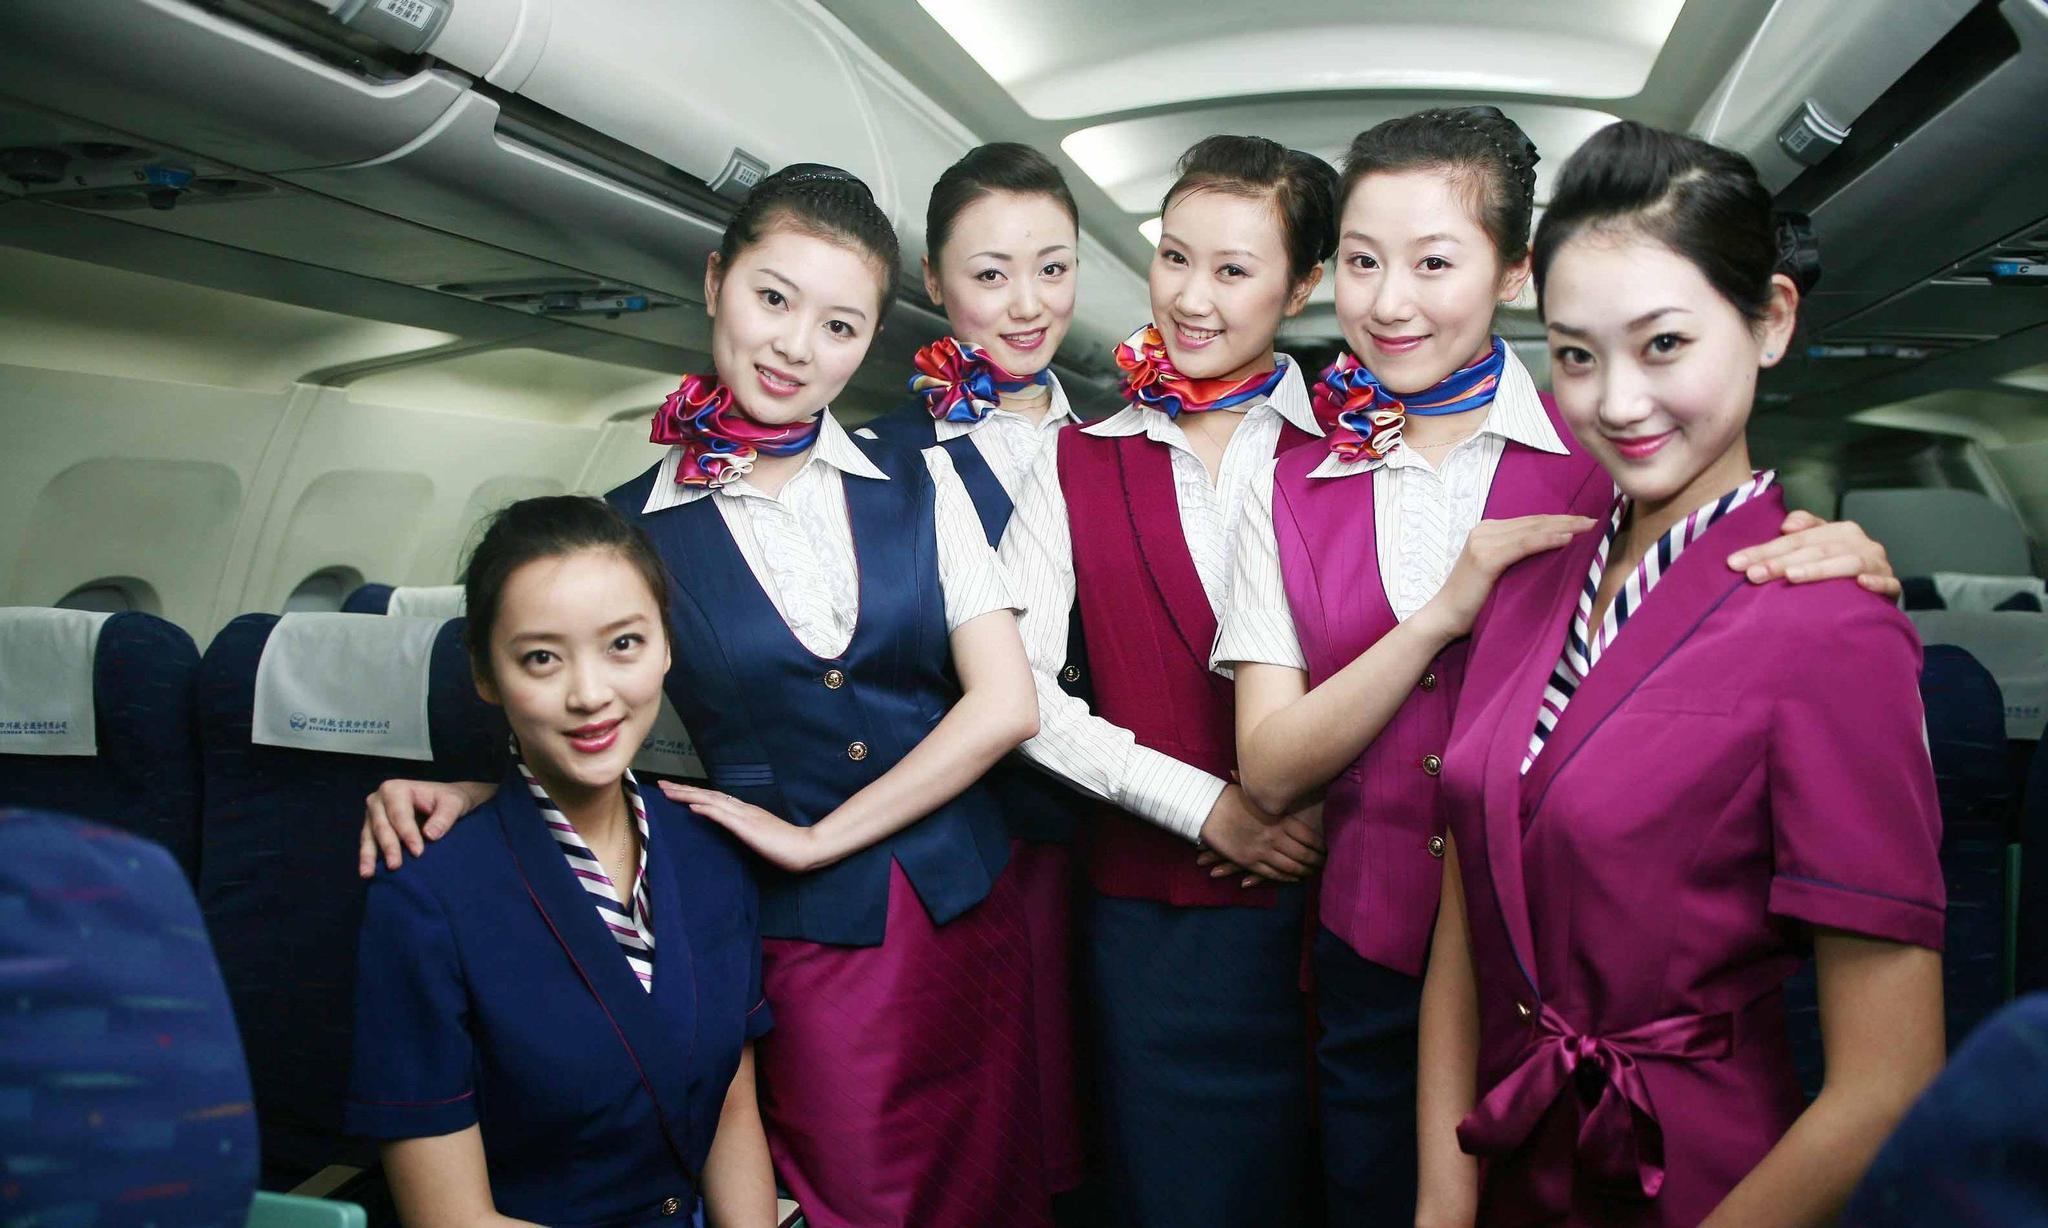 空姐脖子上的丝巾_为什么空姐脖子上总是戴着一根丝巾?说出来你可能不相信